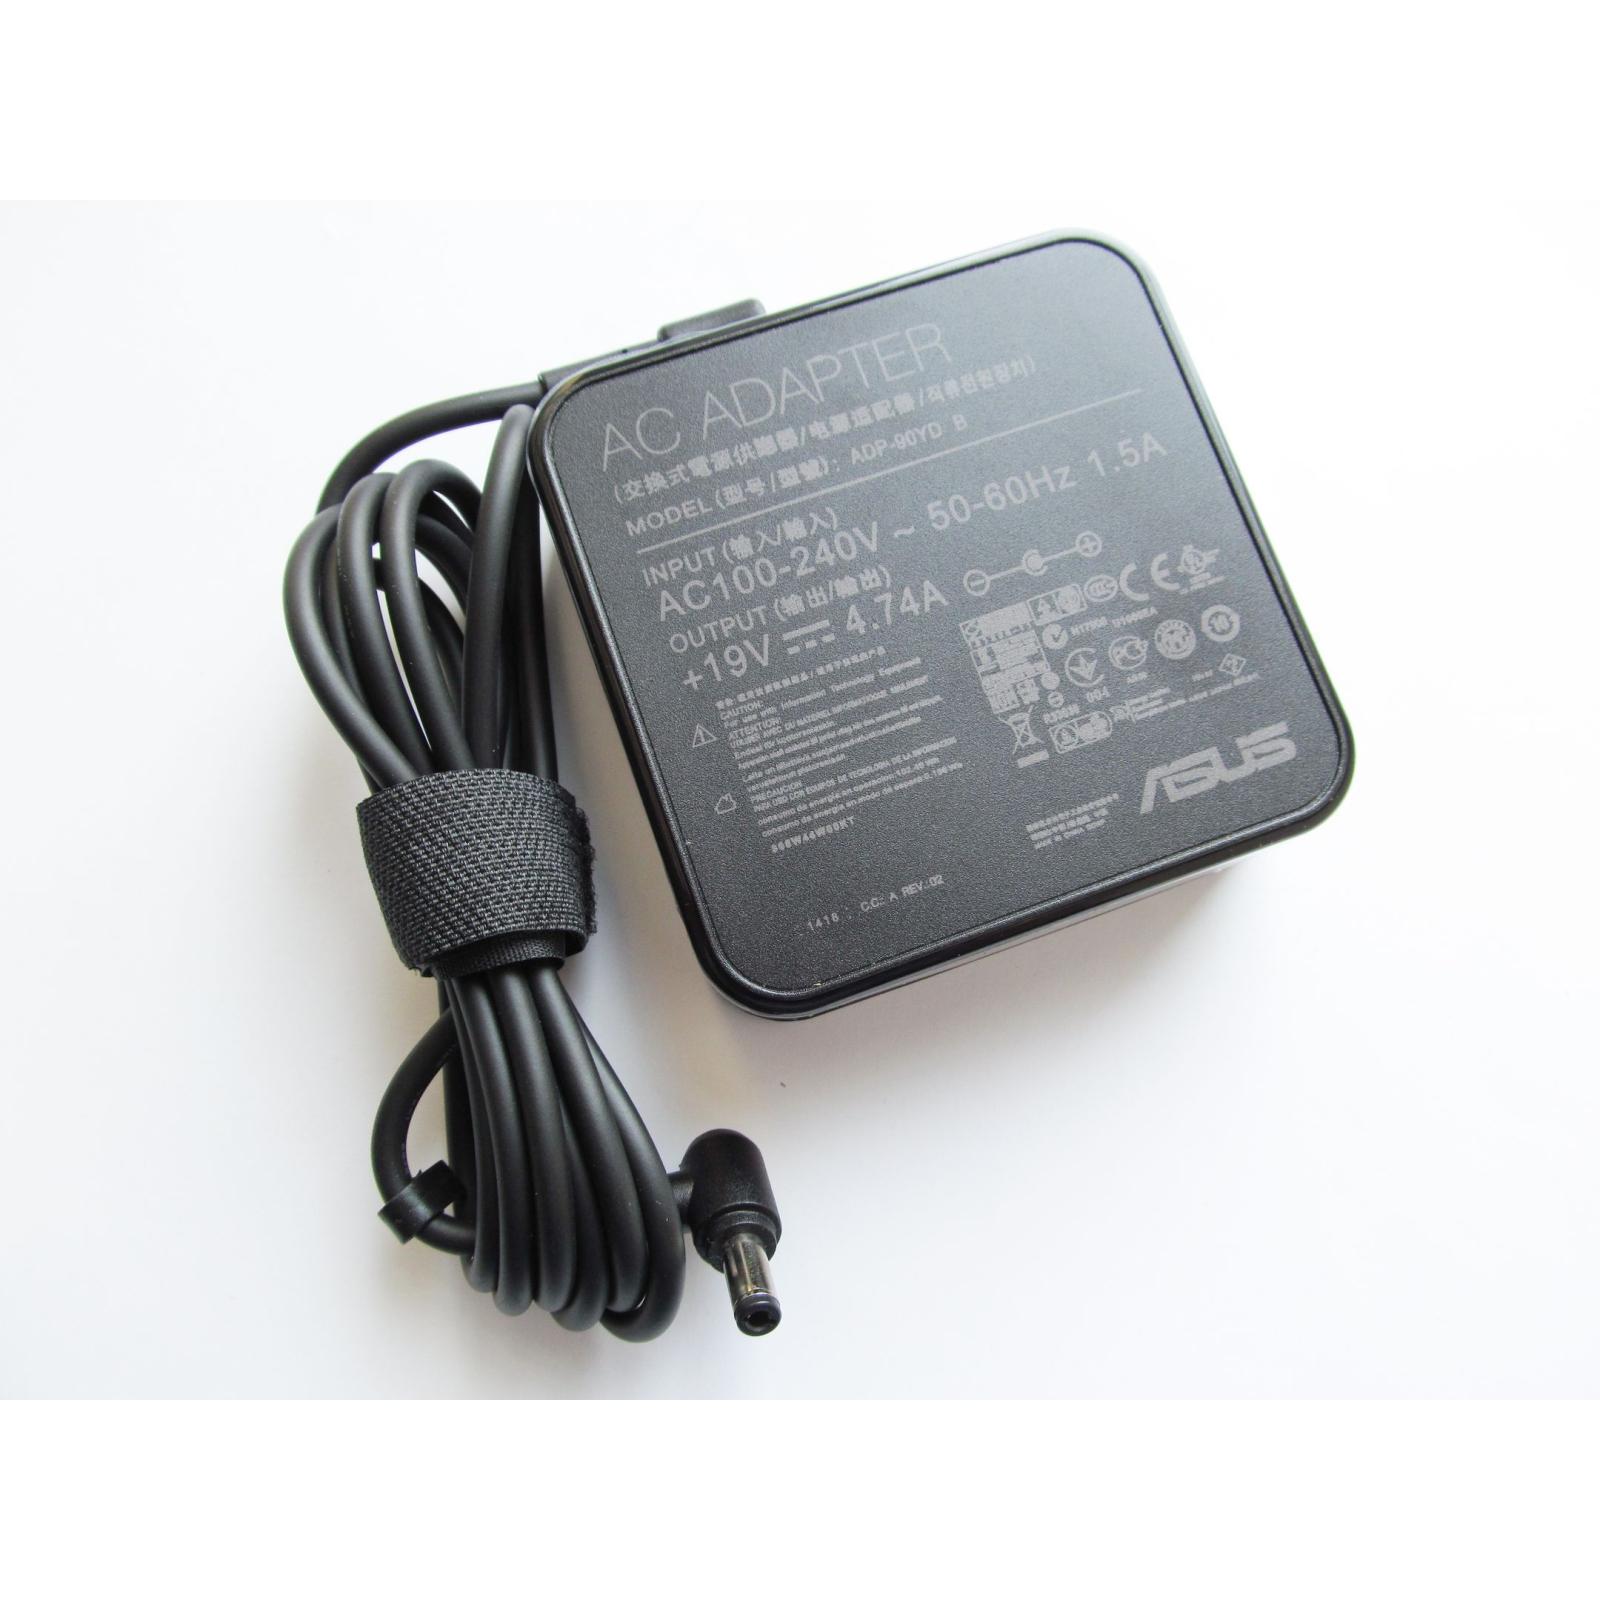 Блок питания к ноутбуку ASUS 90W 19V, 4.74A, разъем 5.5/2.5 (ADP-90YD / A40264) изображение 2